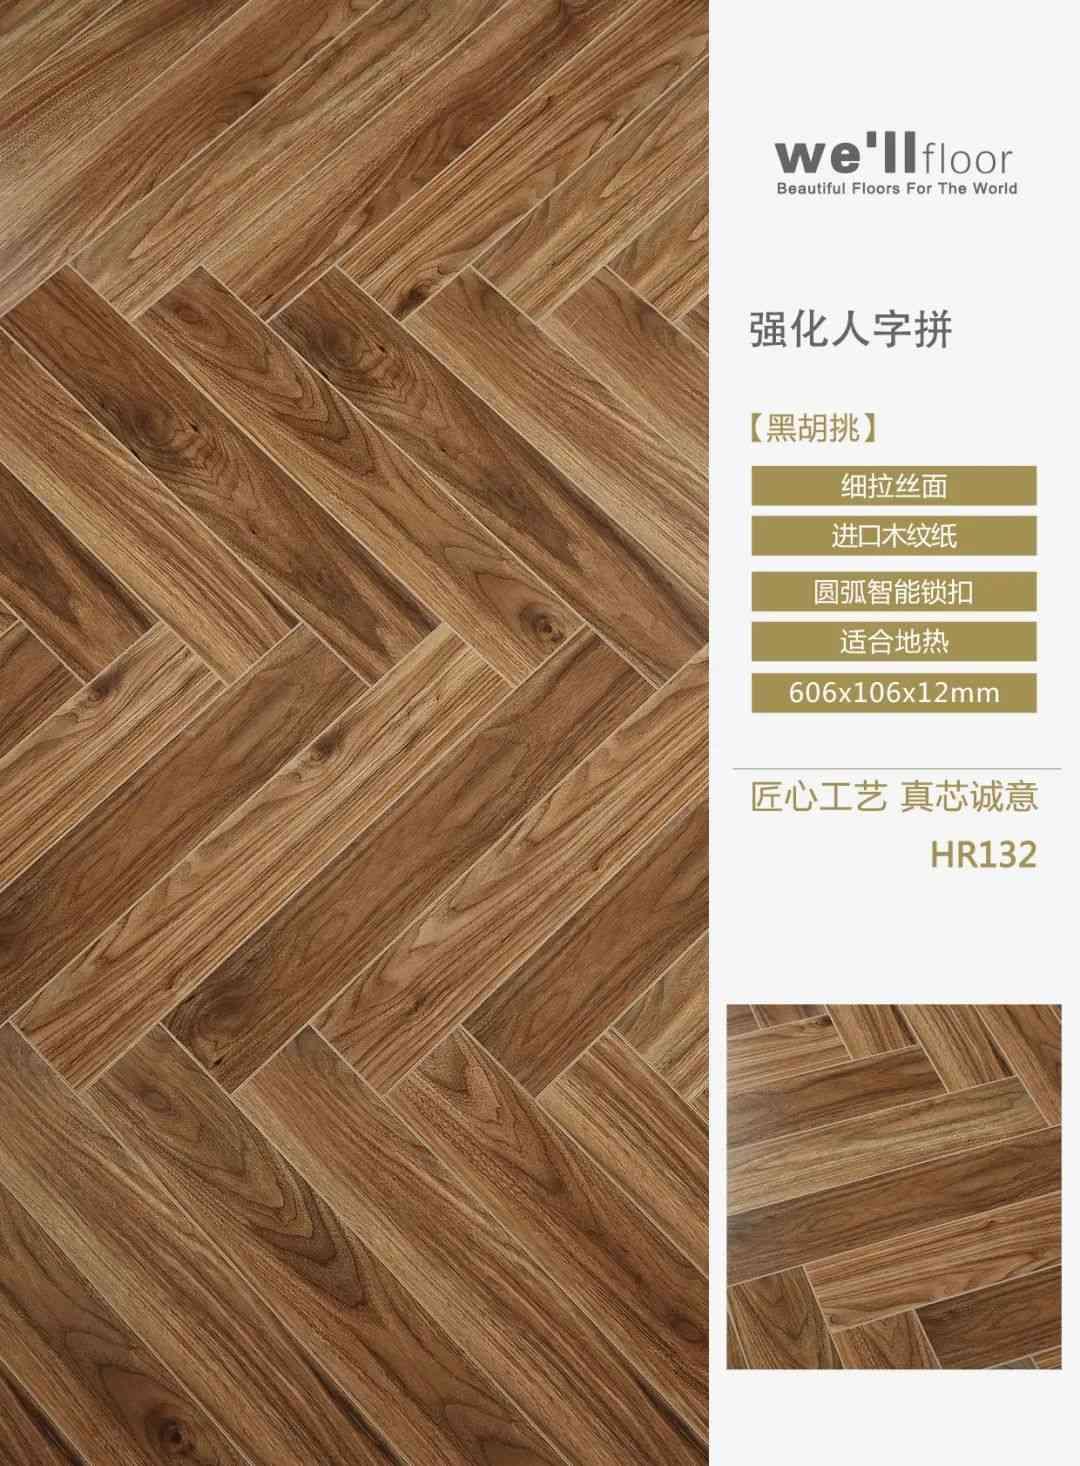 惠尔地板-新三层实木地板、强化木地板产品图片_9